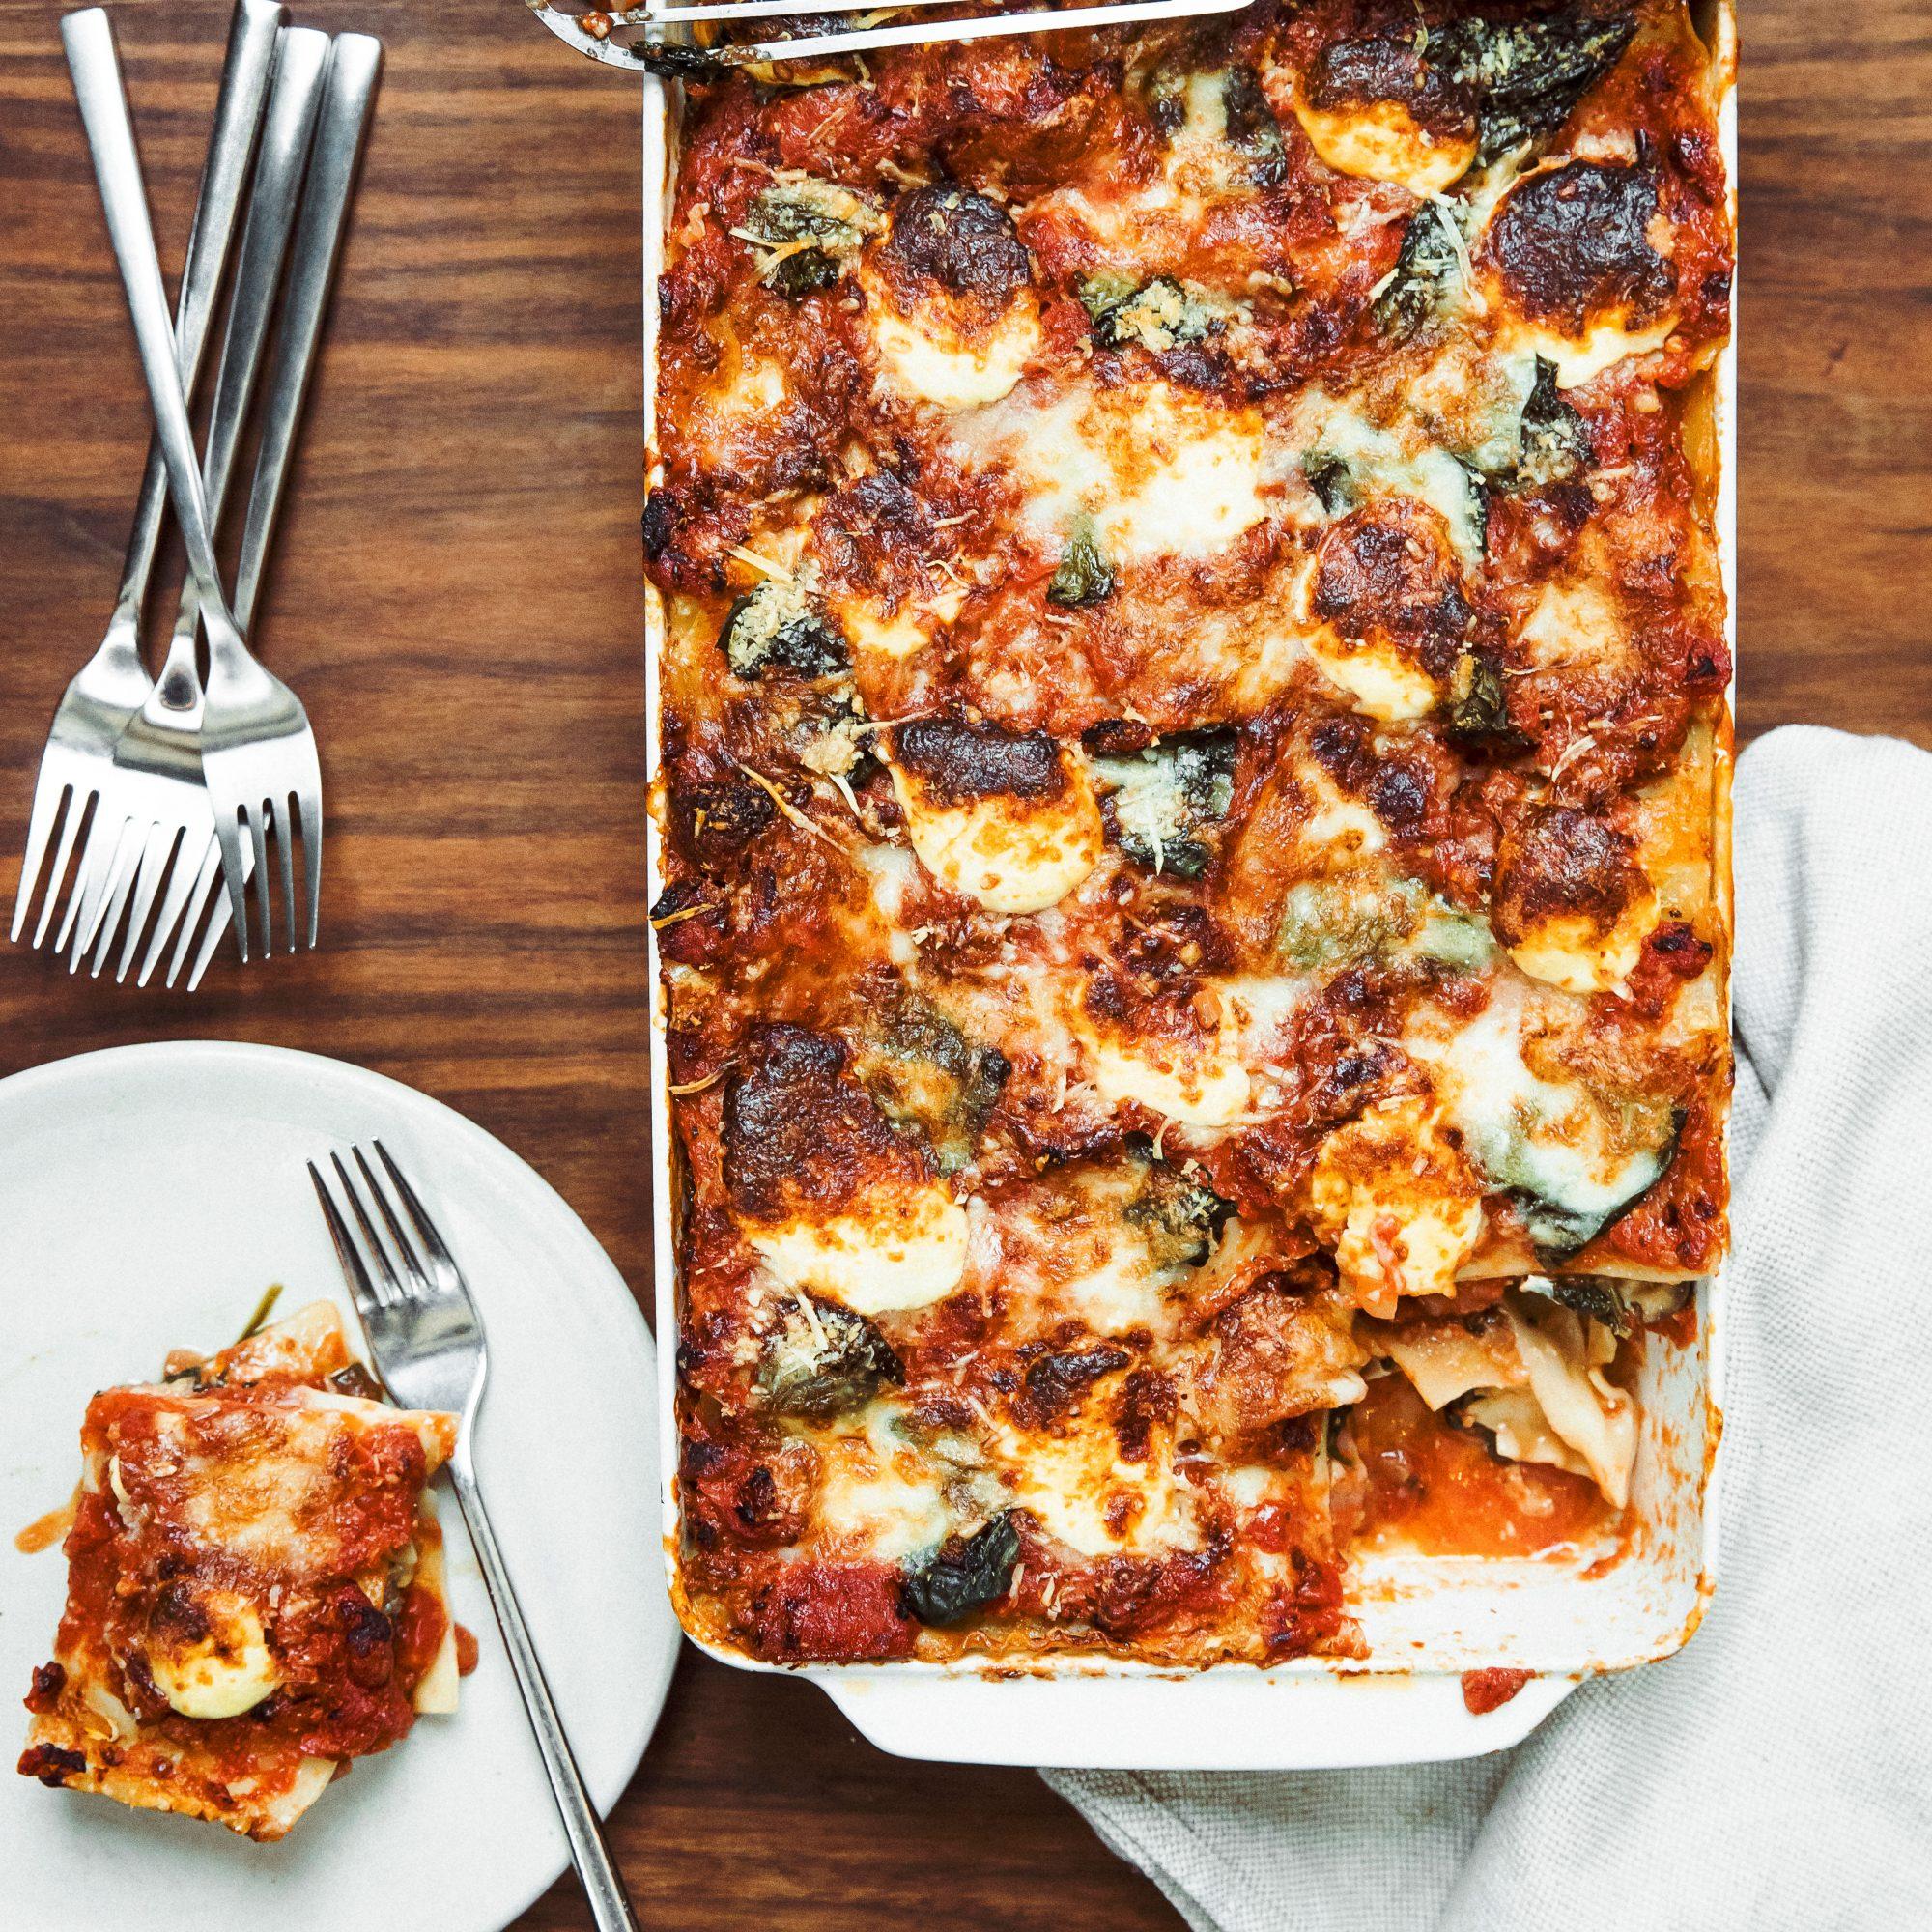 Lucie's Lasagna